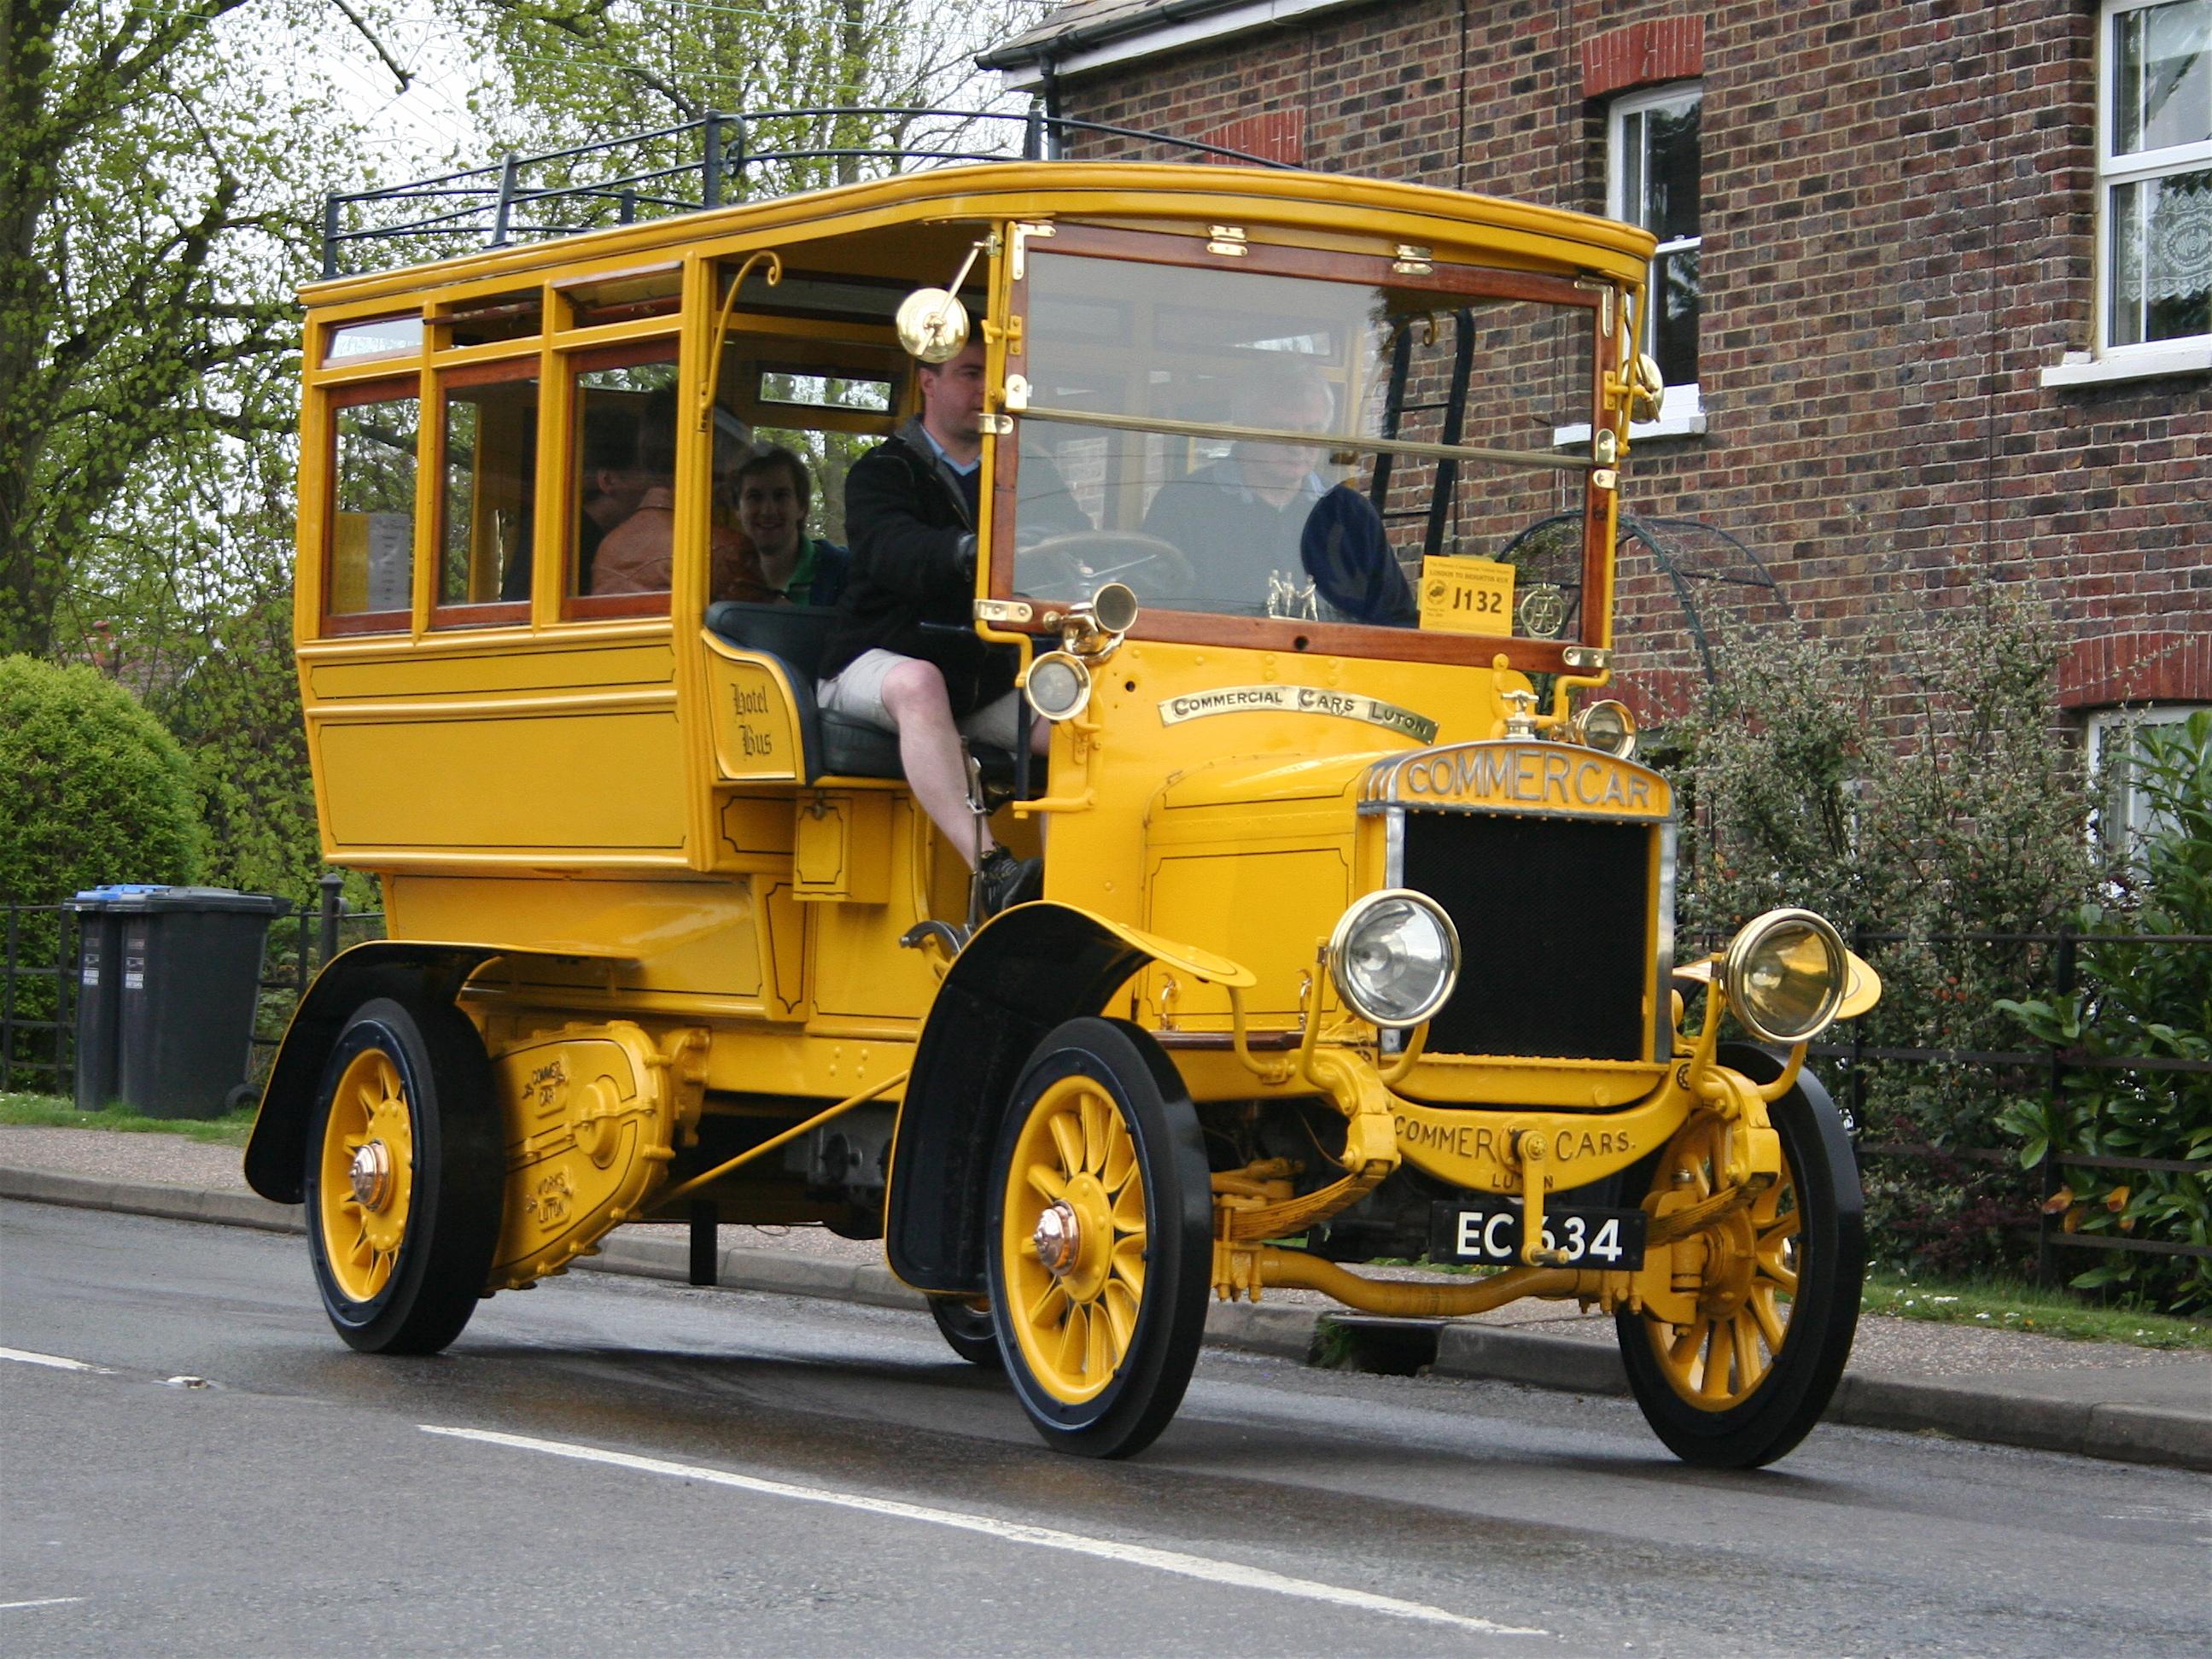 Somerset Ky Car Show